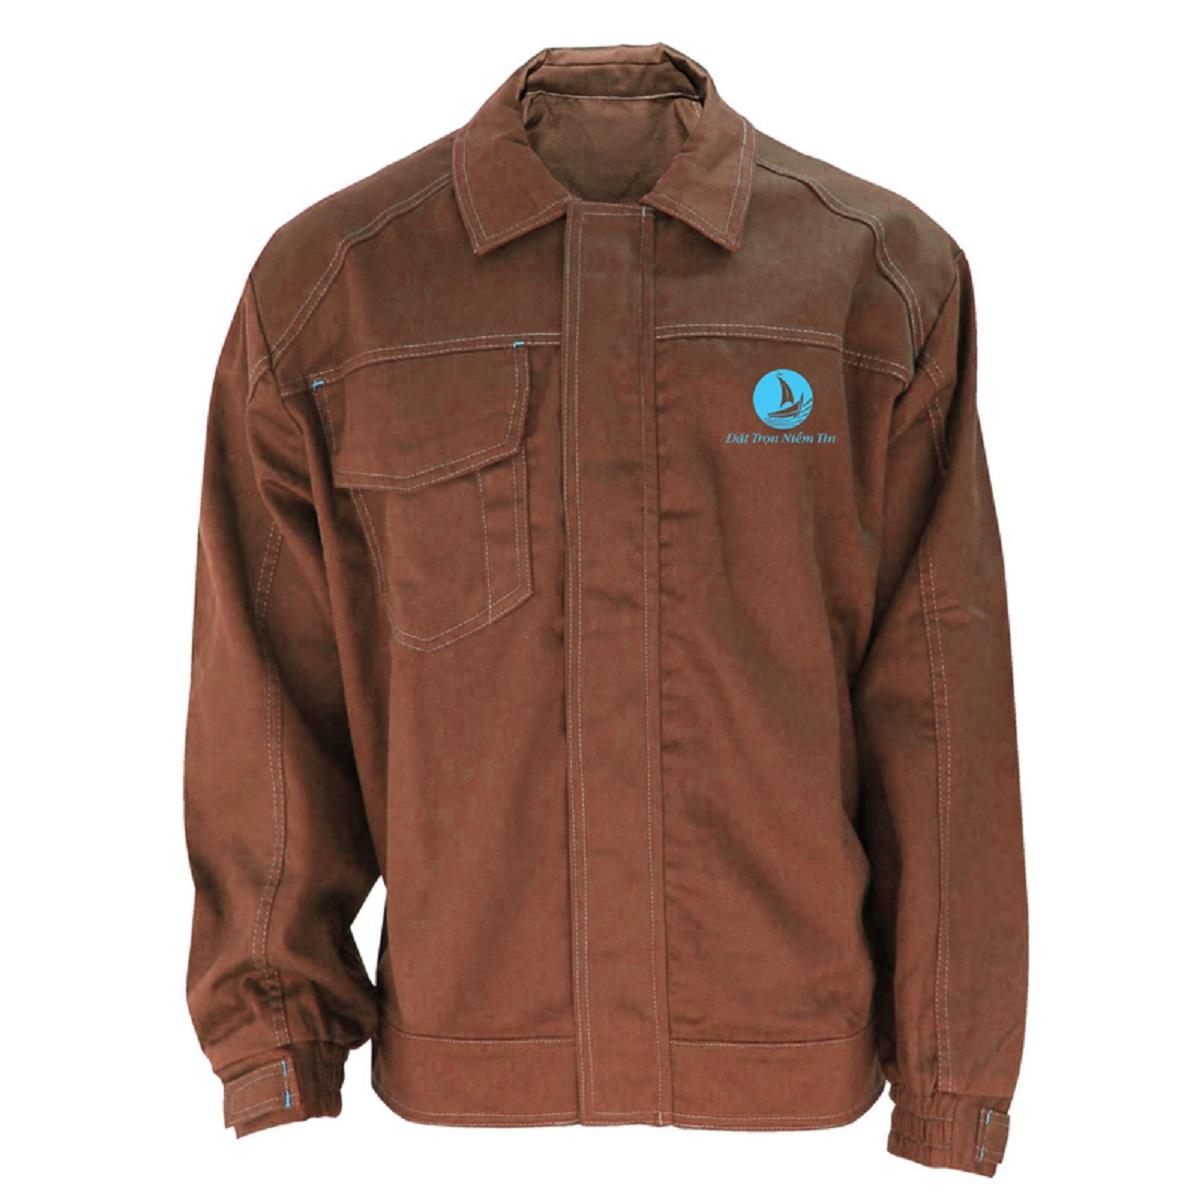 Mẫu đồng phục áo bảo hộ mã BO-ABH05 – Nâu